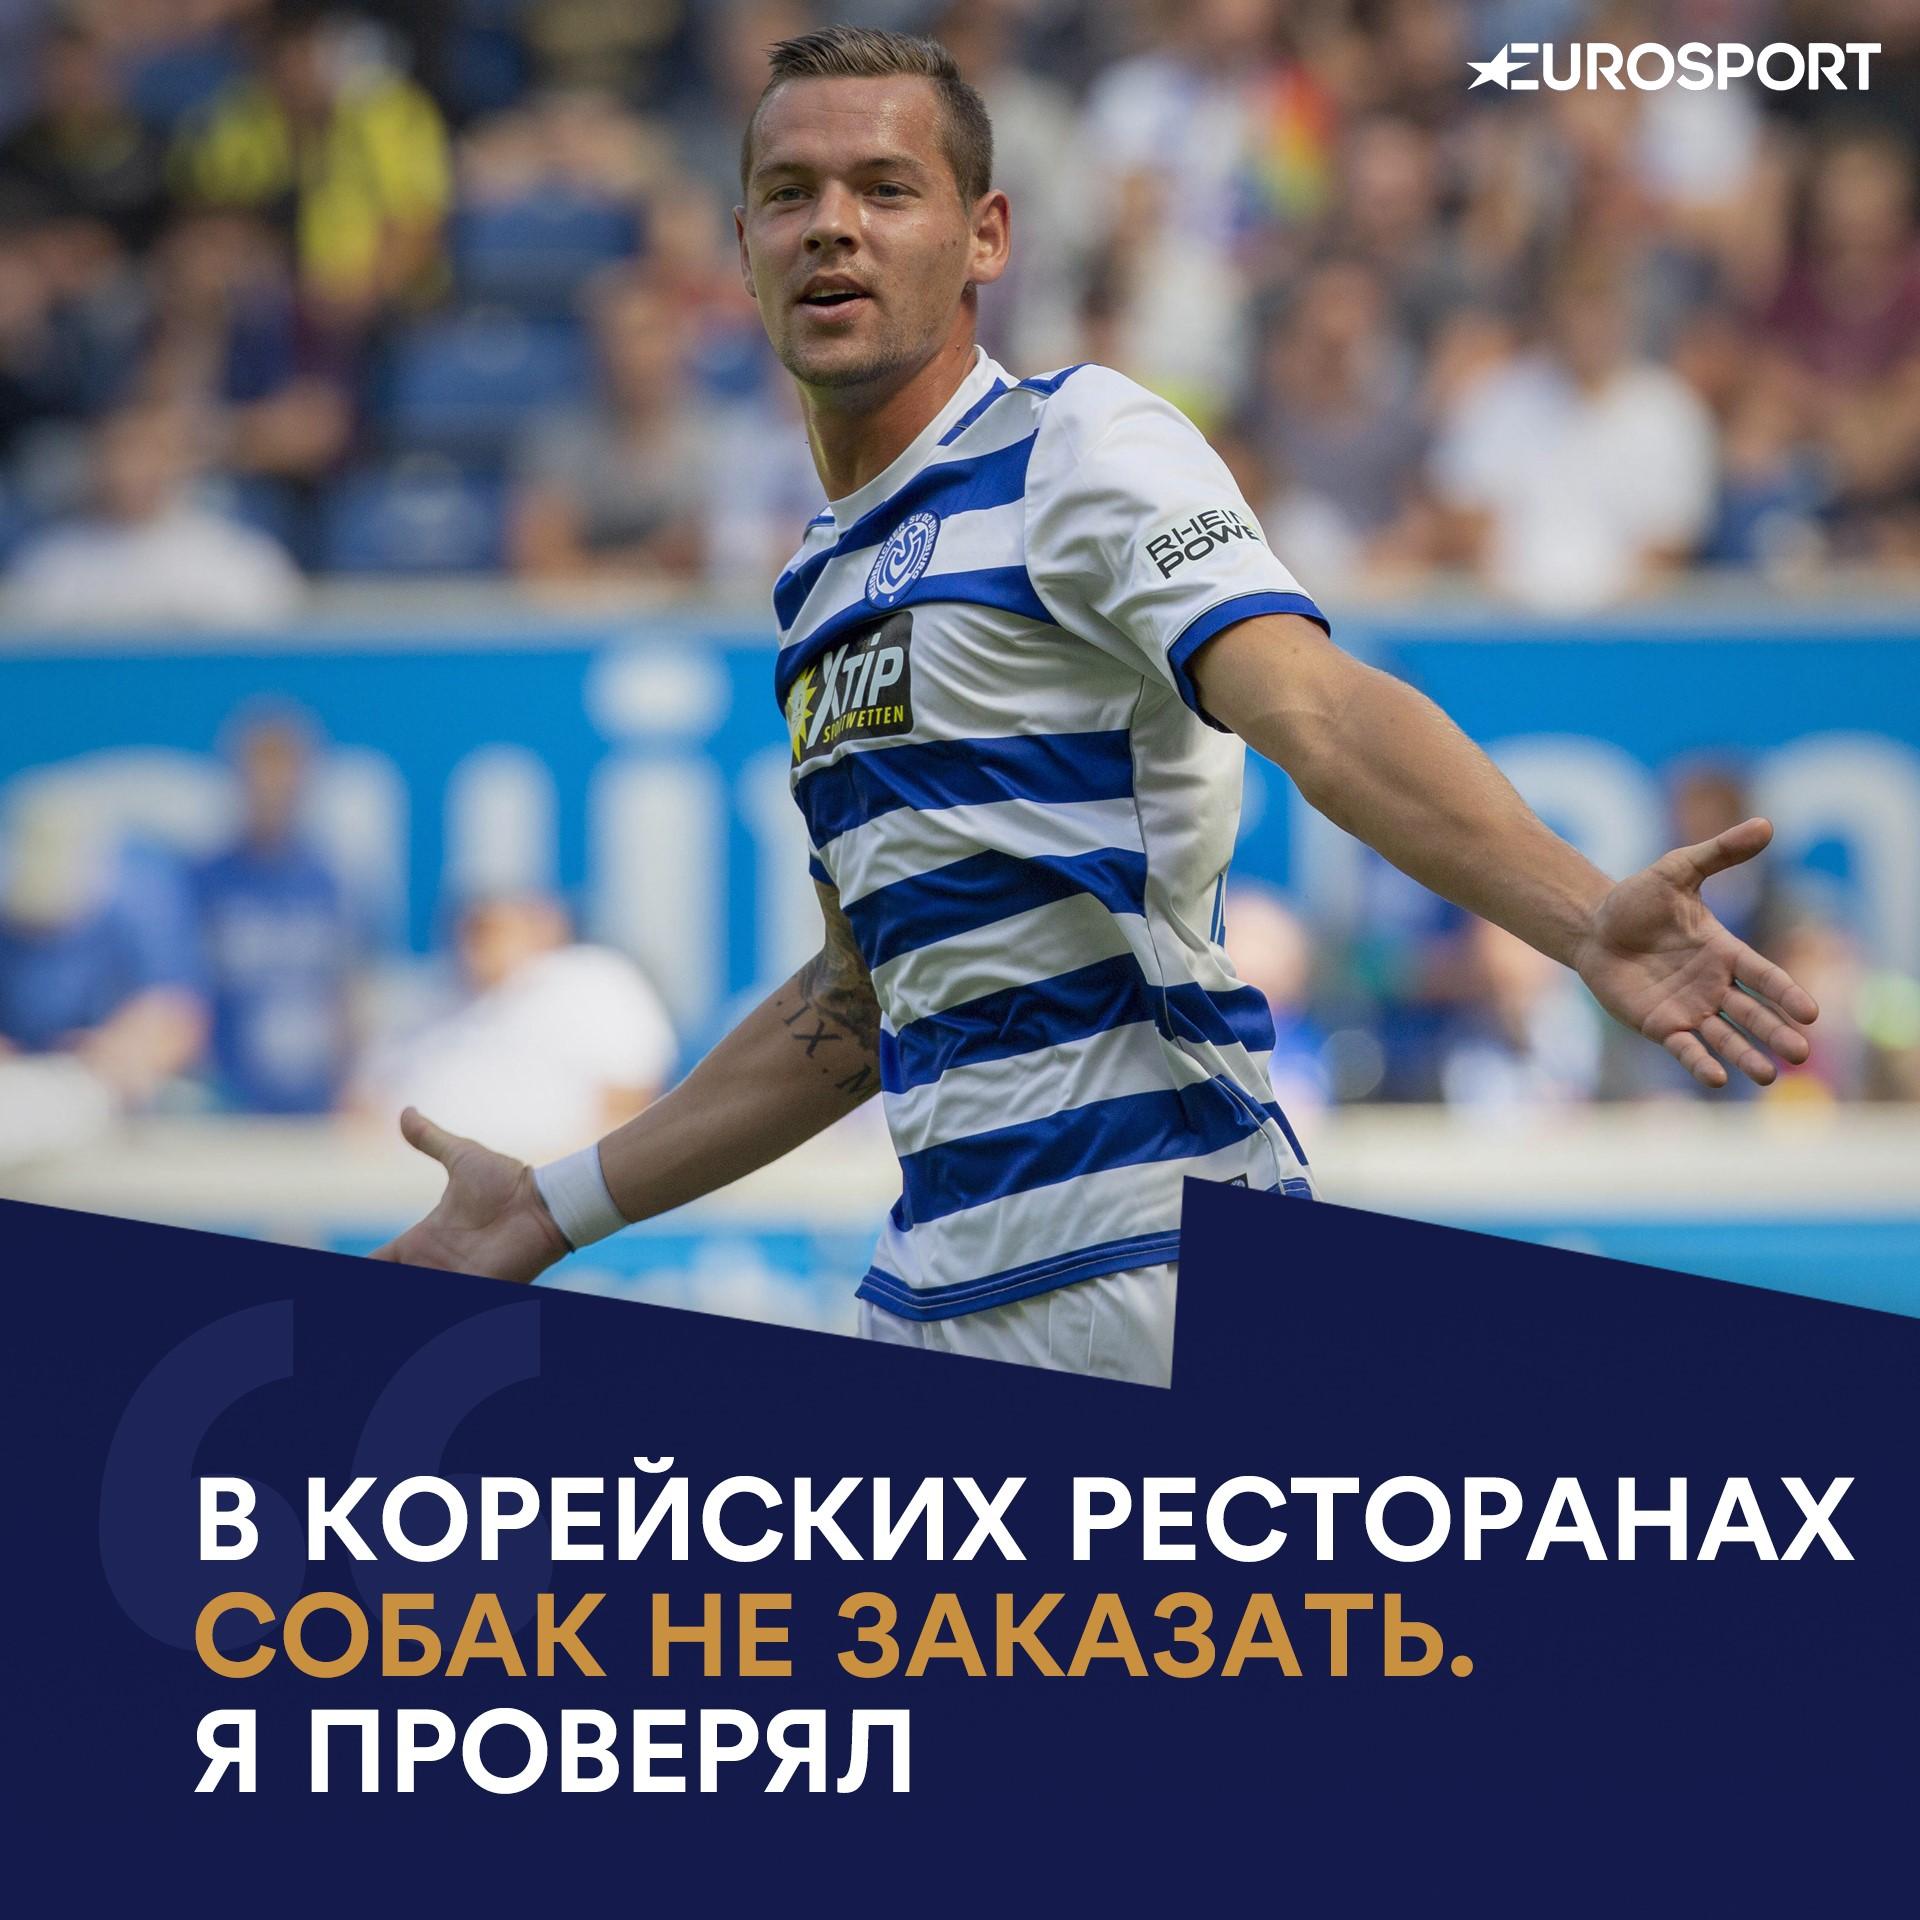 Стас Ильюченко